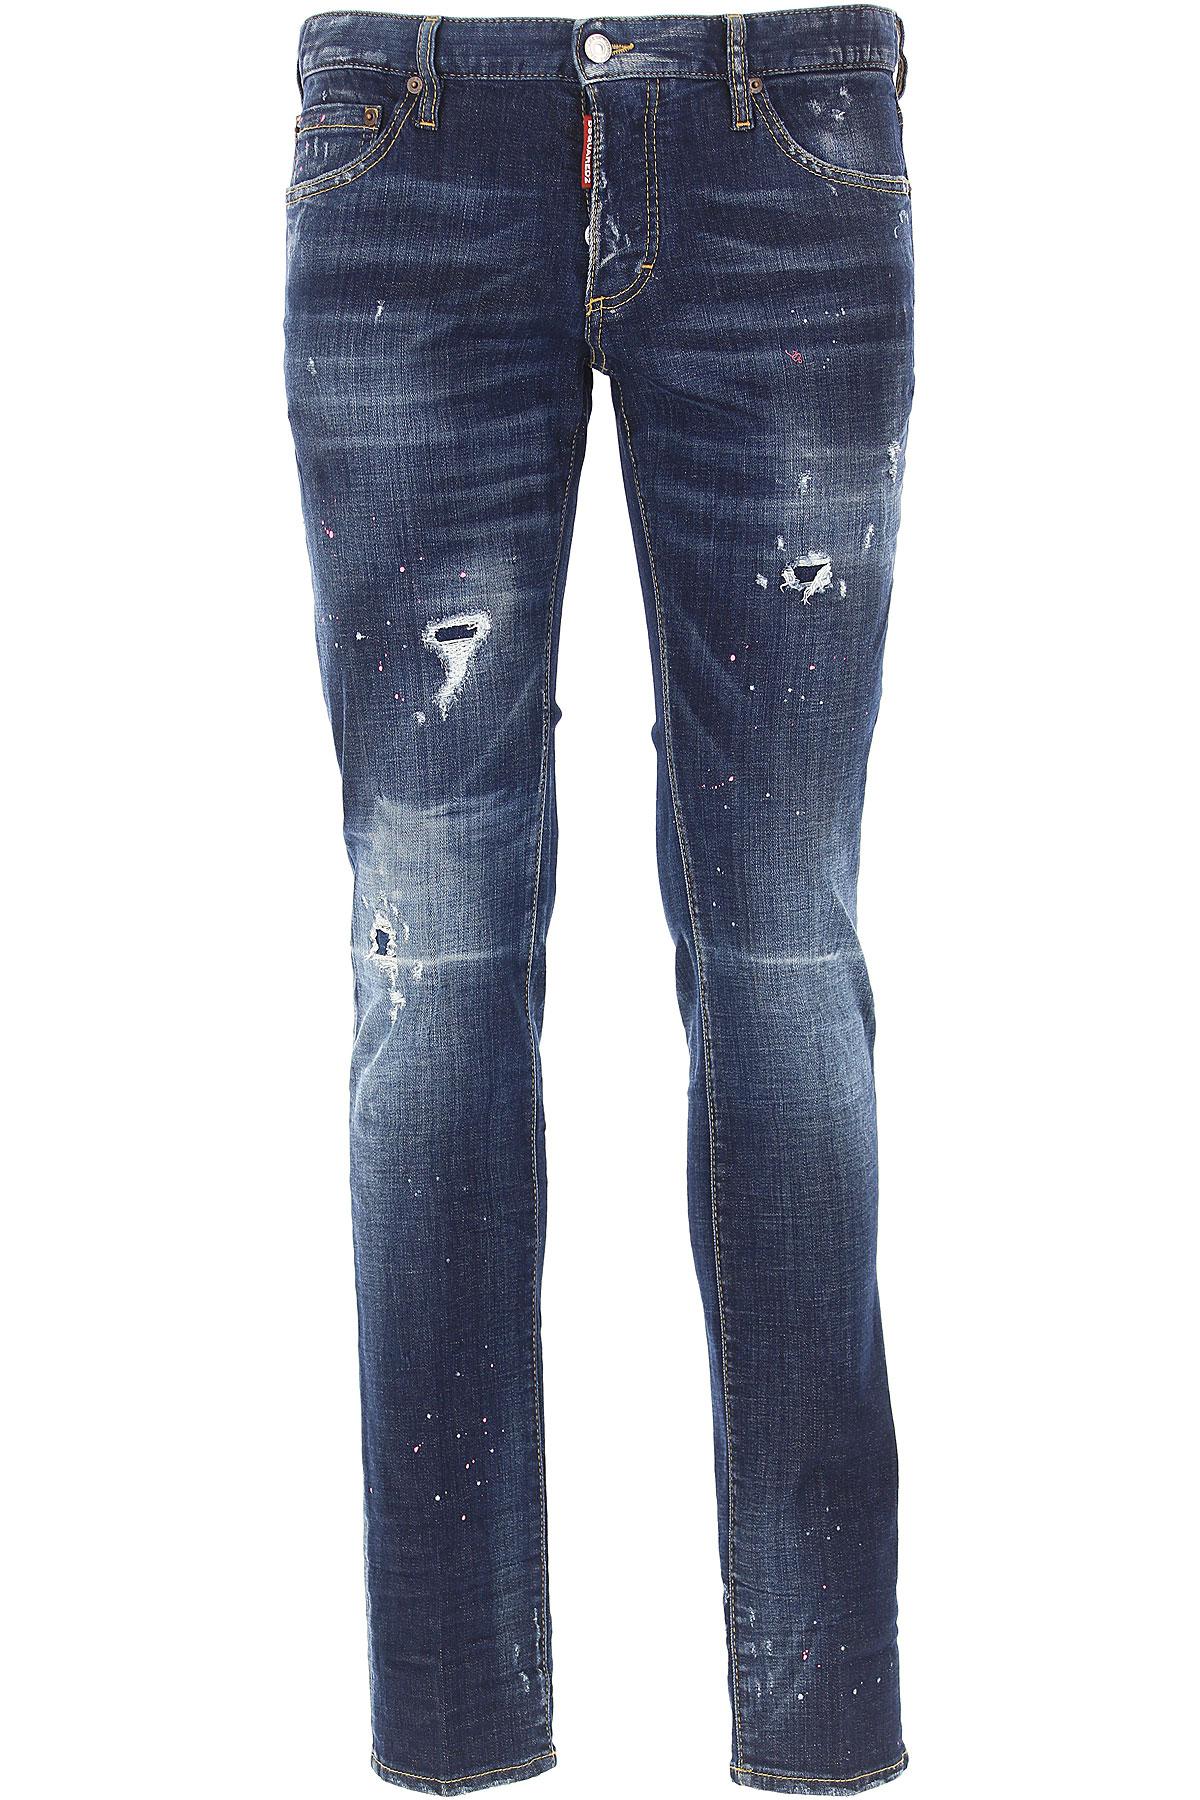 Dsquared2 Jeans, Denim Blue, Cotton, 2017, 28 30 32 34 36